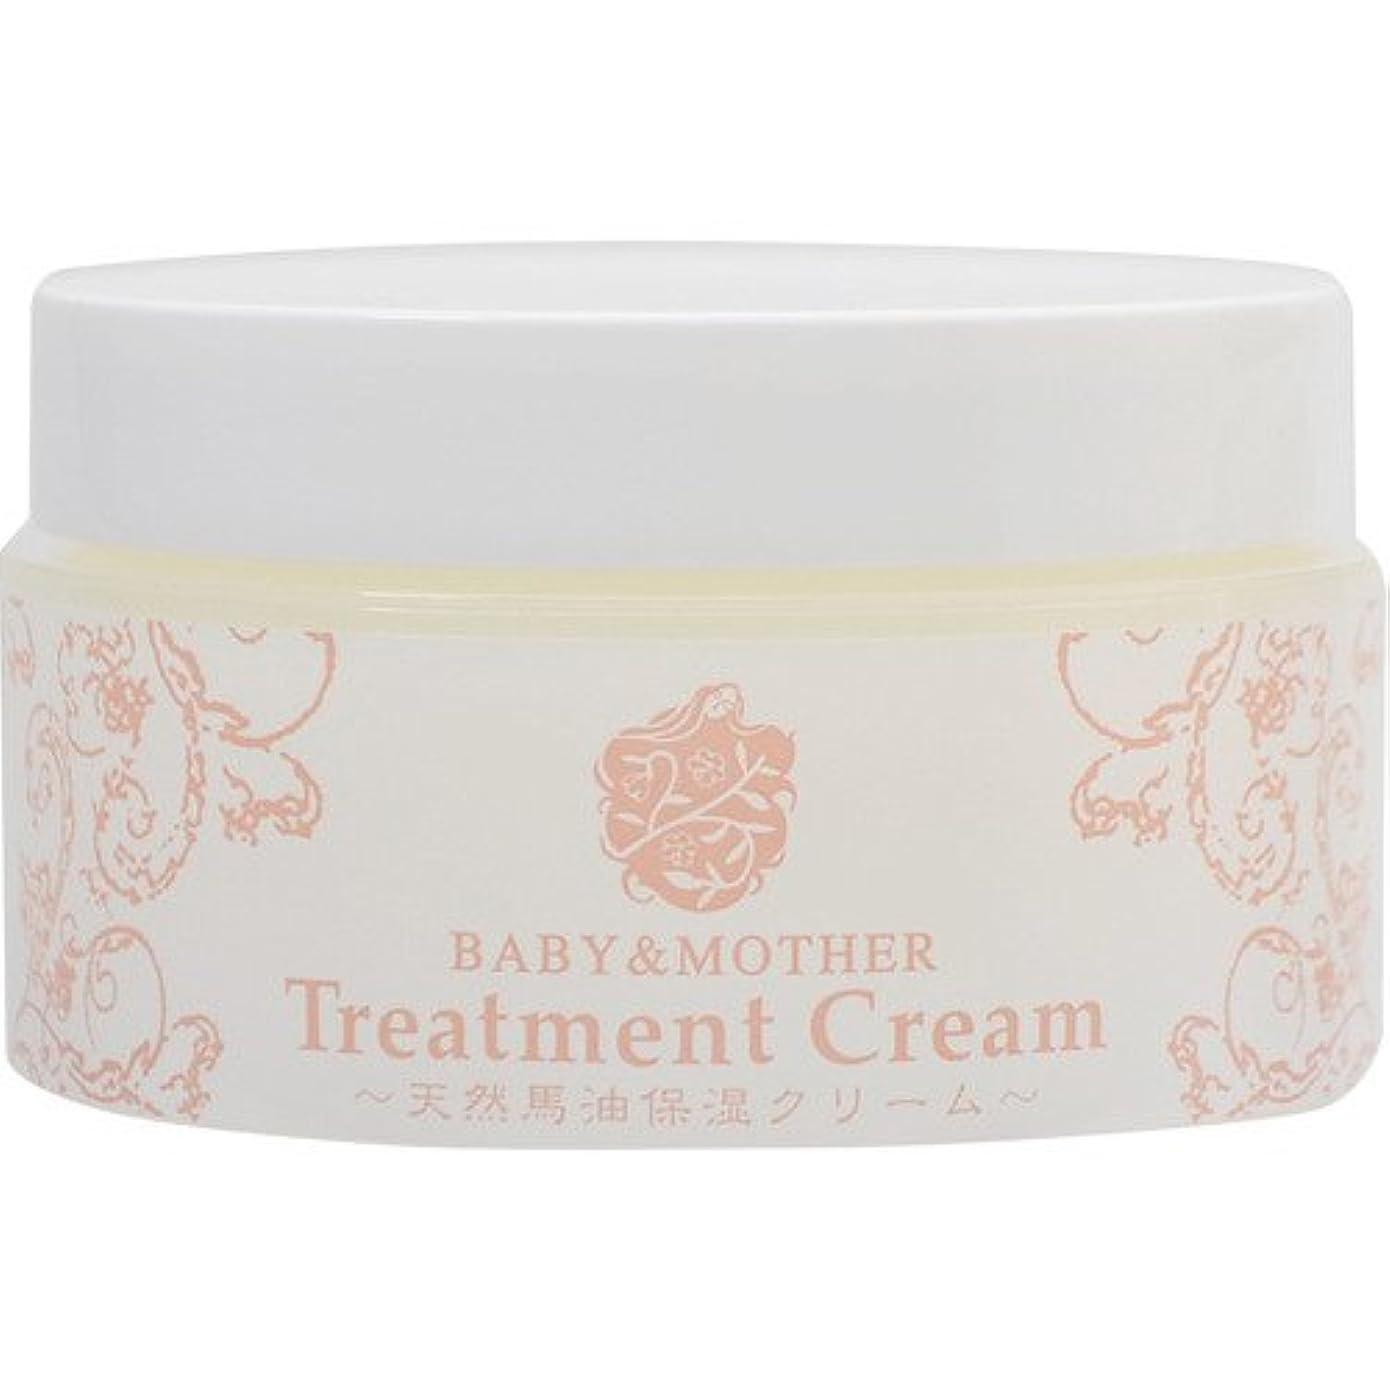 プラスチック叱る面倒BABY&MOTHER Treatment Cream 天然馬油保湿クリーム 80g